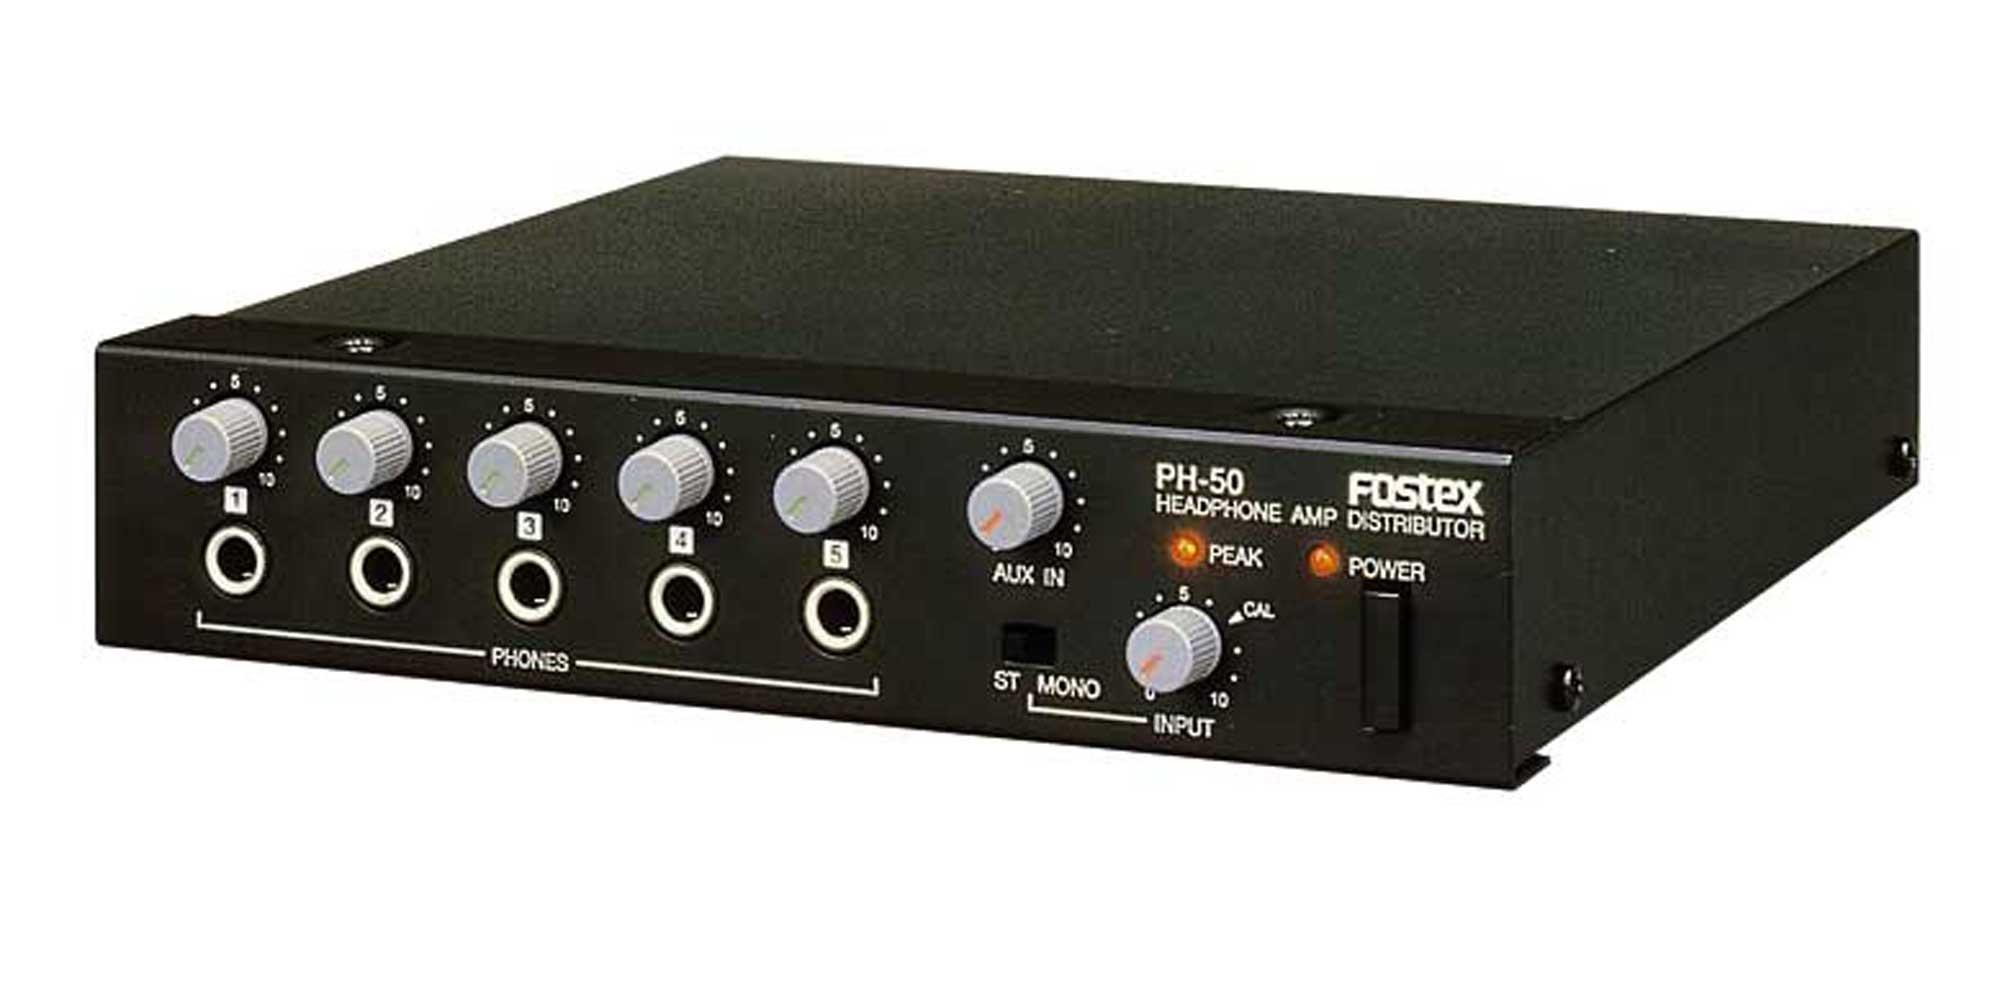 Wzmacniacz słuchawkowy Fostex PH-50